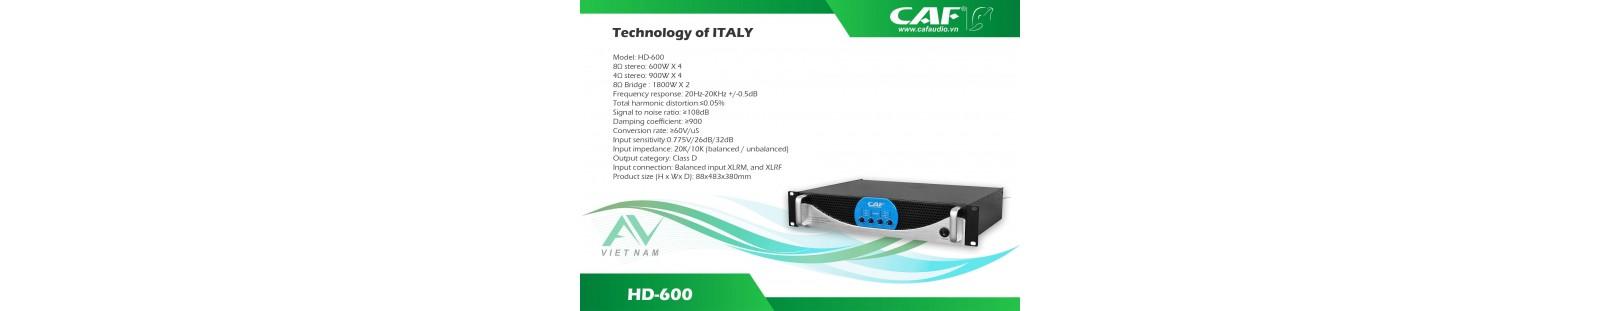 CAF HD 600